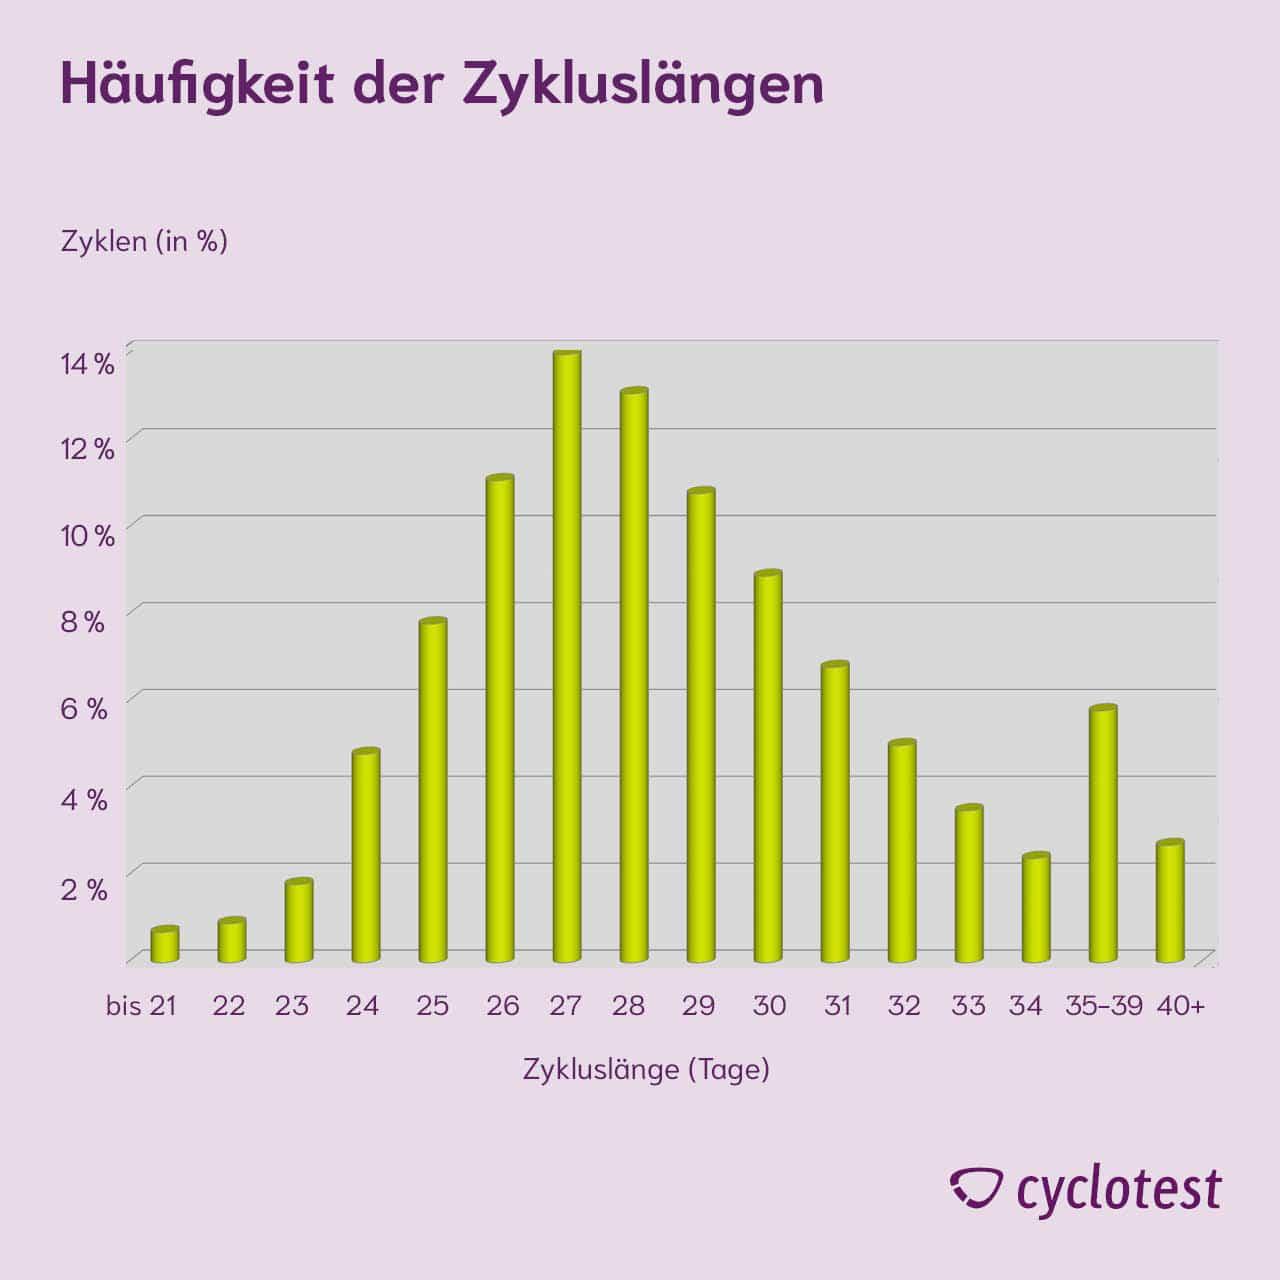 Die Grafik zeigt die Häufigkeiten der Zykluslänge gemäß einer NFP-Studie.